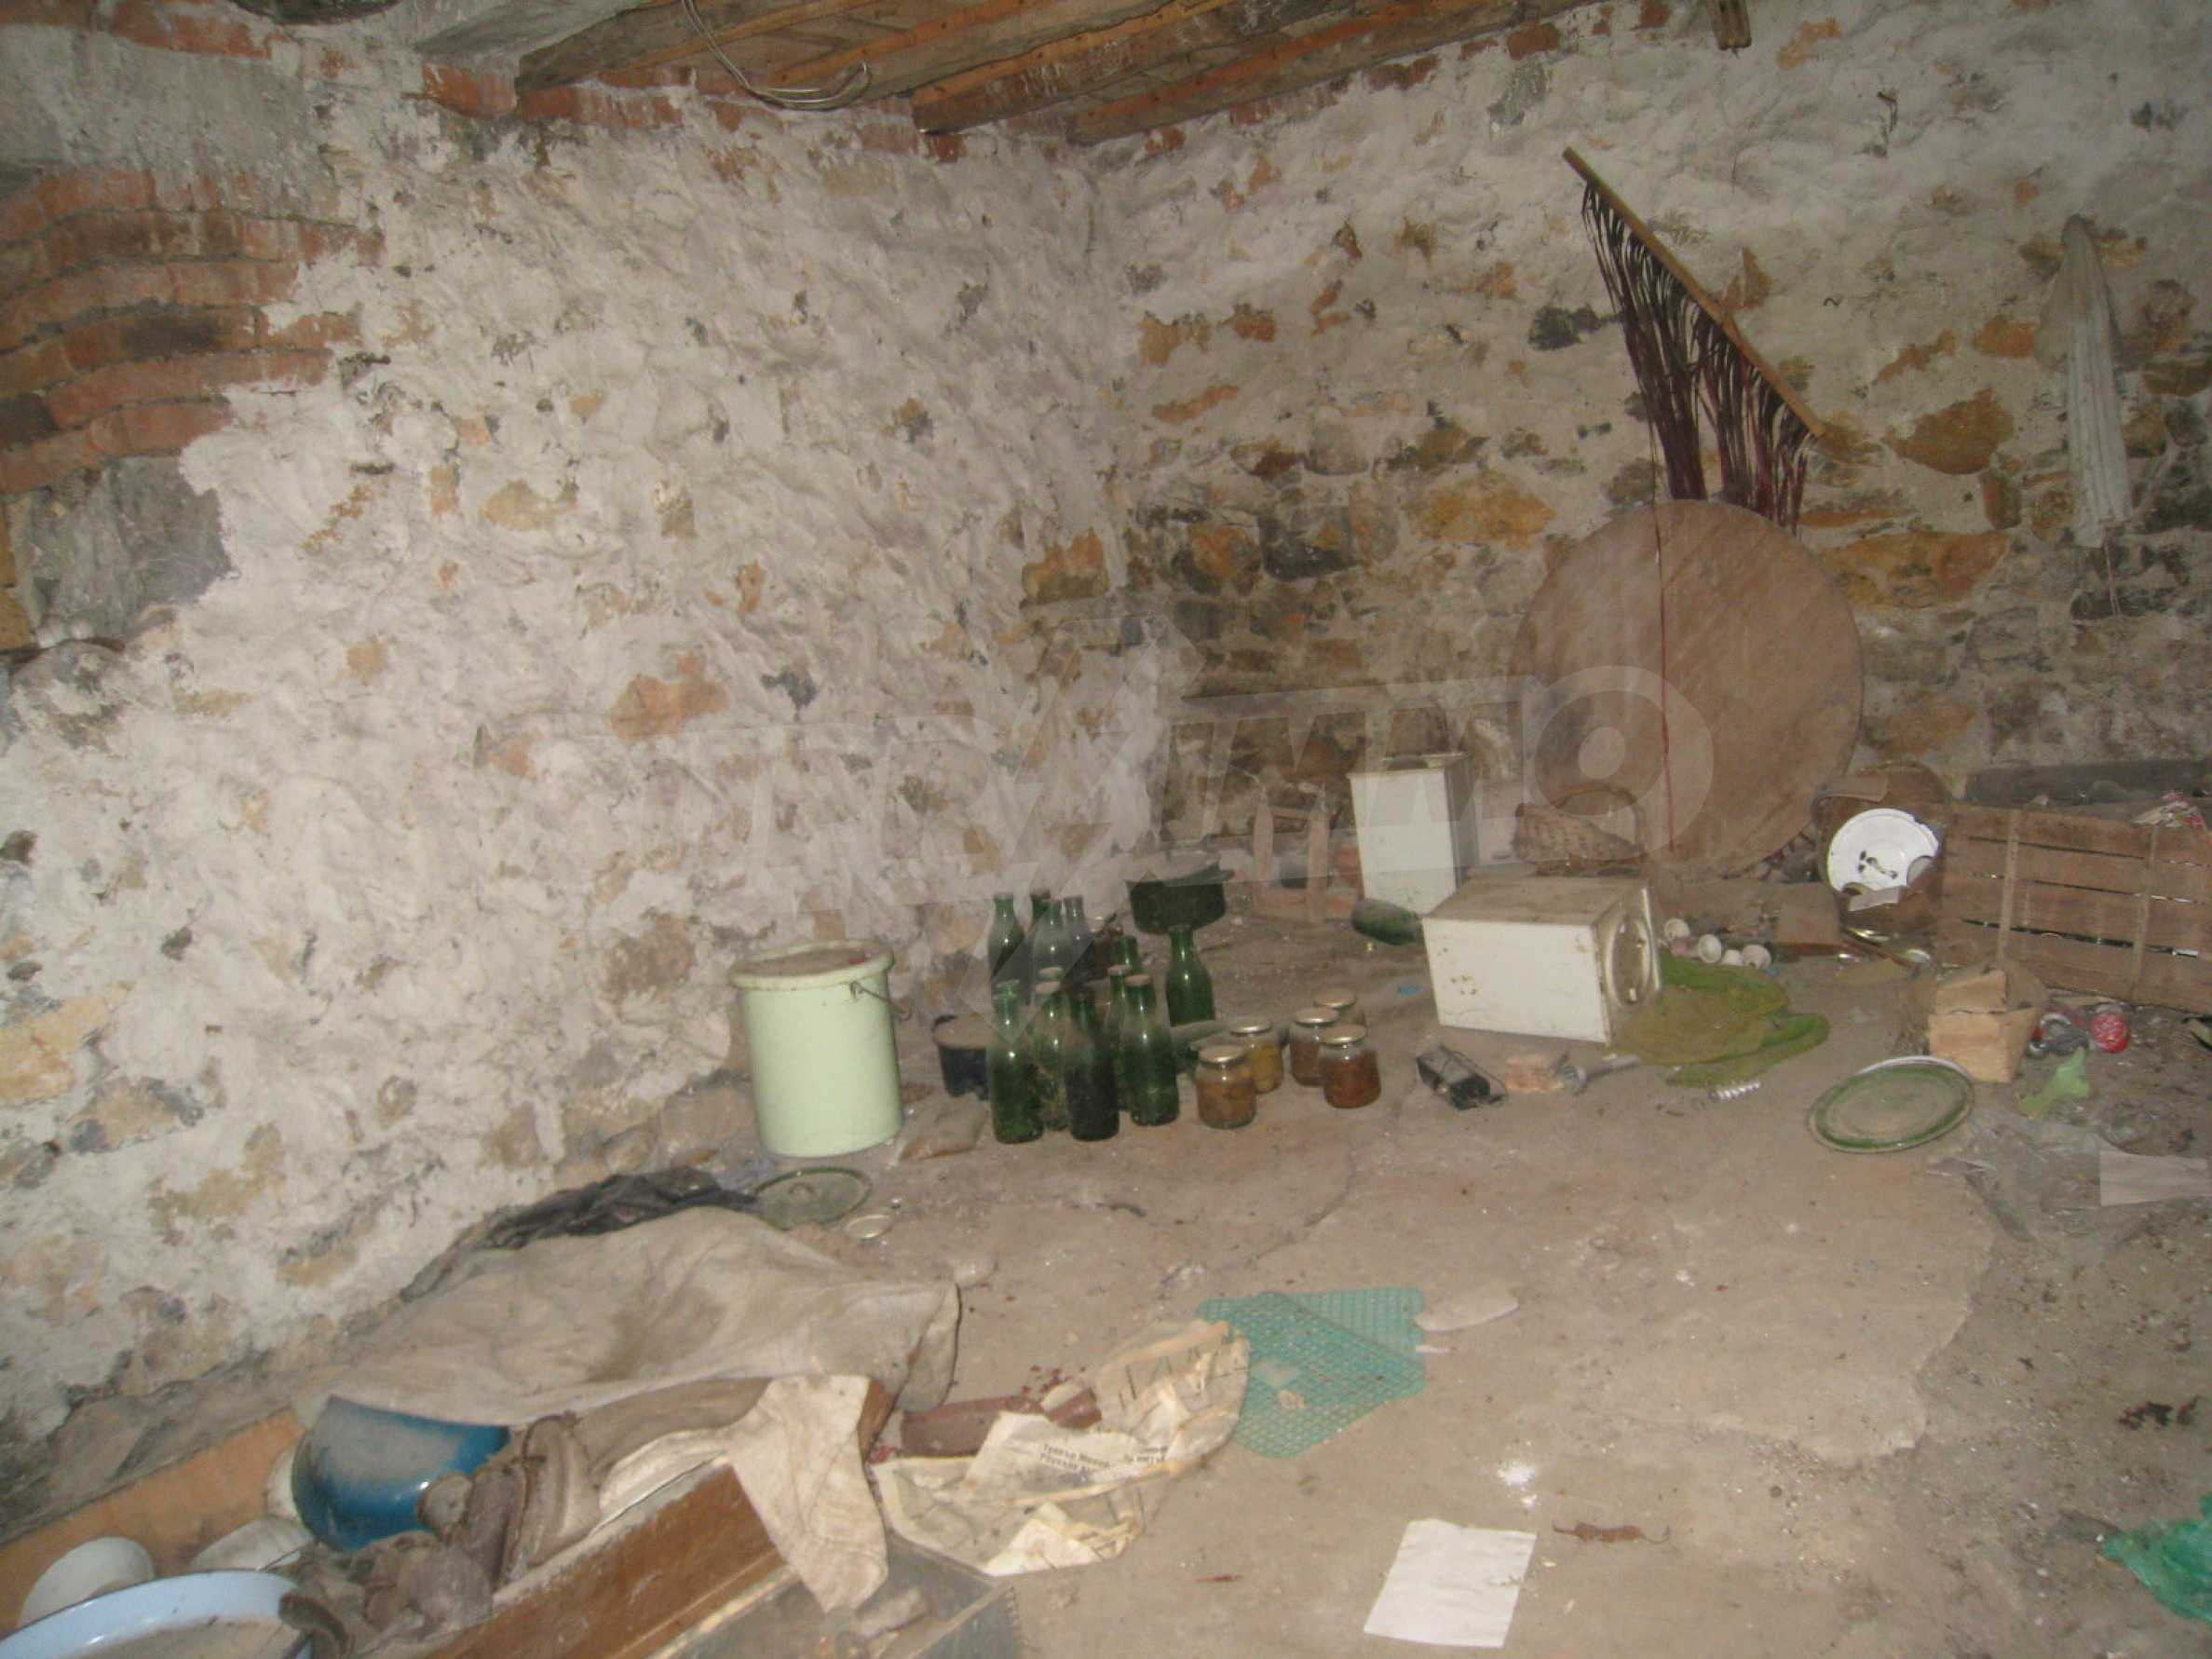 Haus zum Verkauf in der Nähe von Kyustendil 14